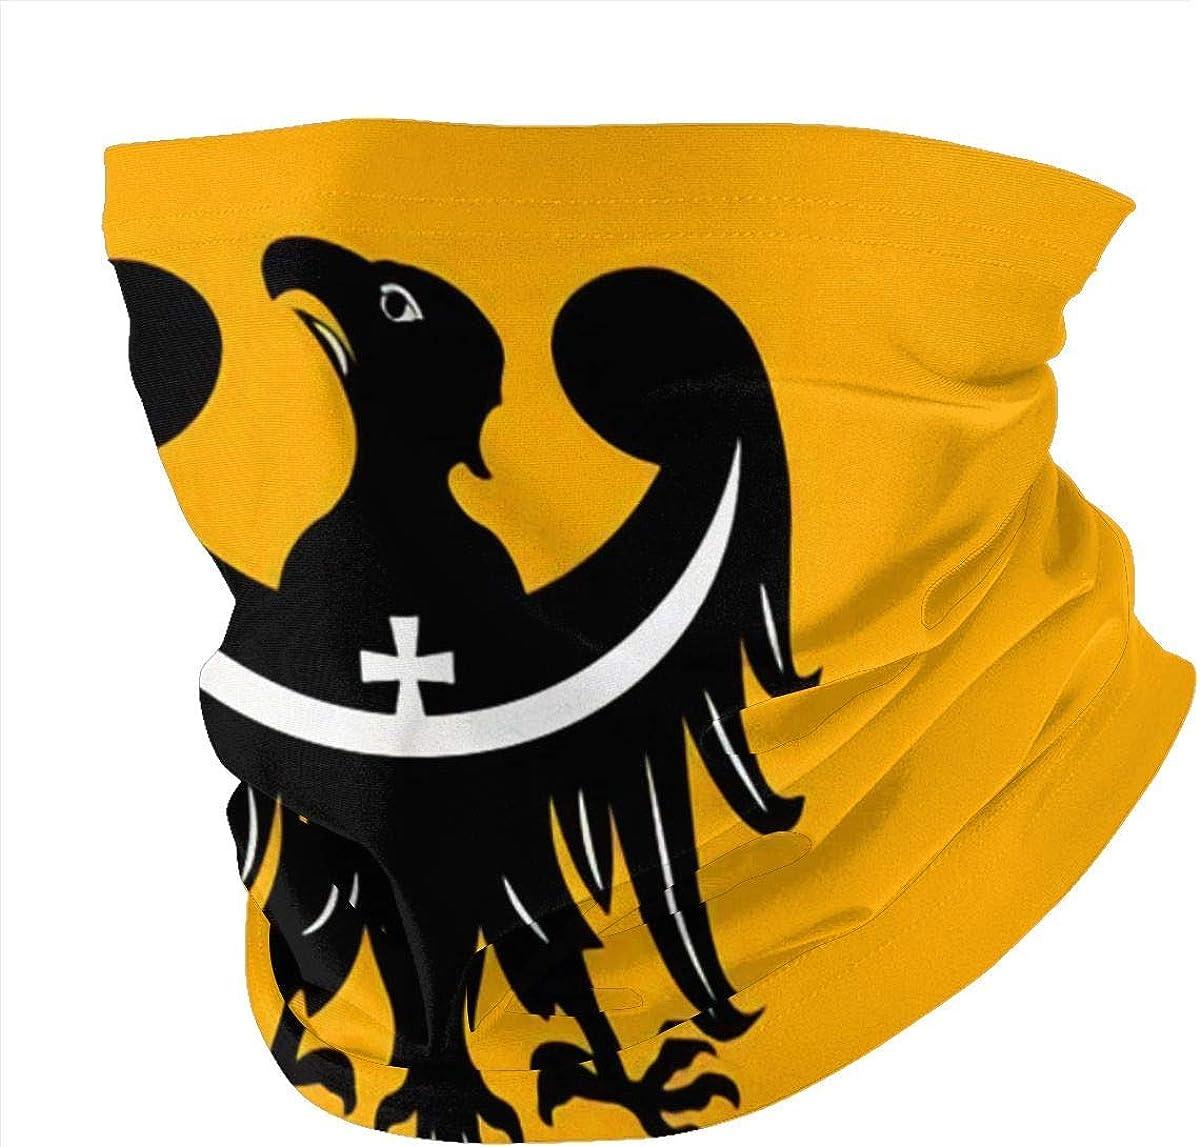 Face Scarf Bandana Flagge der Niederschlesischen Voivodeship oder Schlesien Provinz in Polen Wiederverwendbare Maske Anti-Staub-Schals f/ür Damen Herren Outdoor Neck Gaiter Kopfbedeckung Schwarz